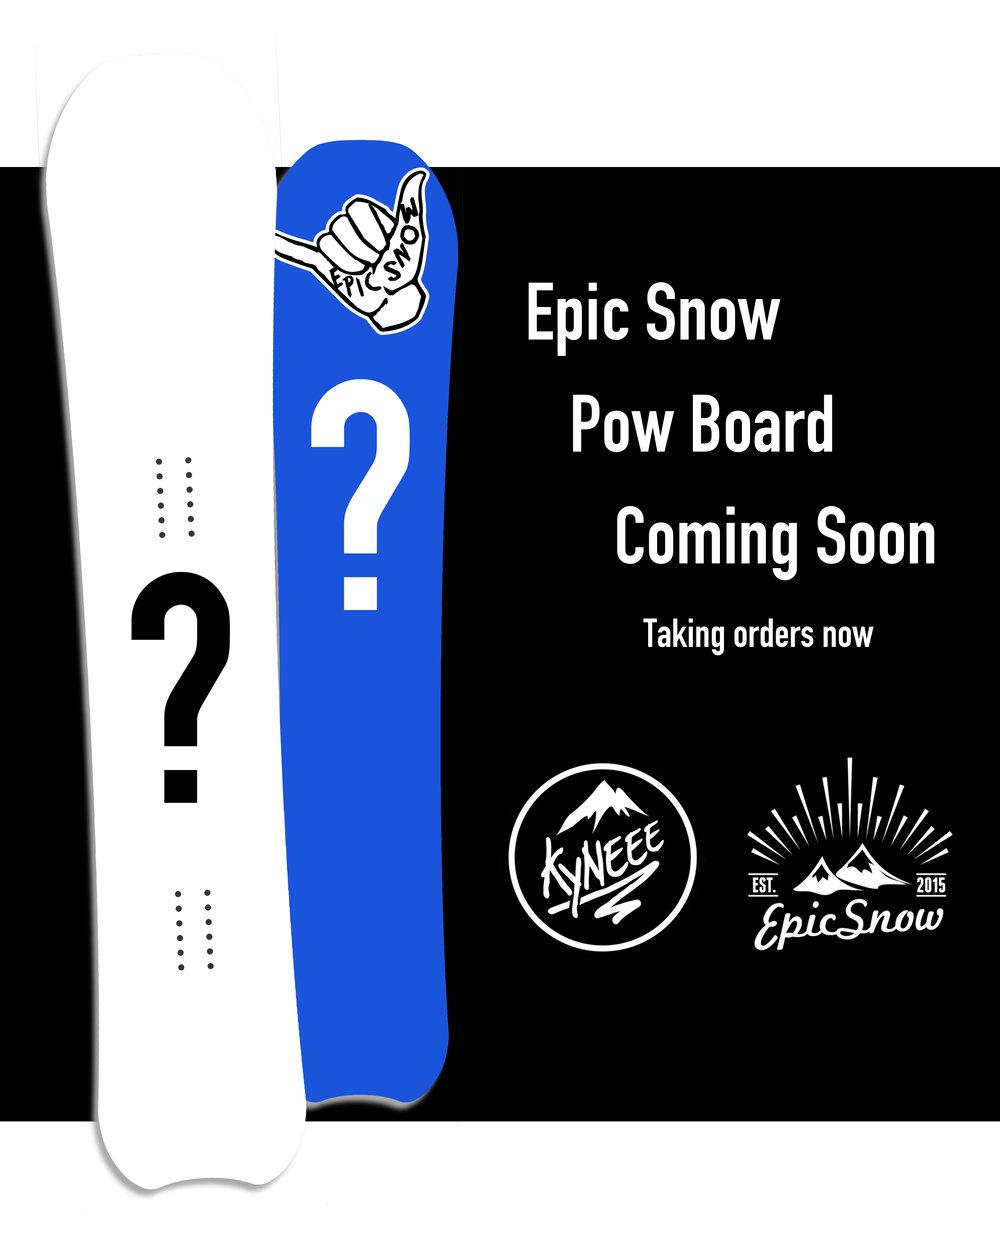 Epic Snow Pow Board x kyneee